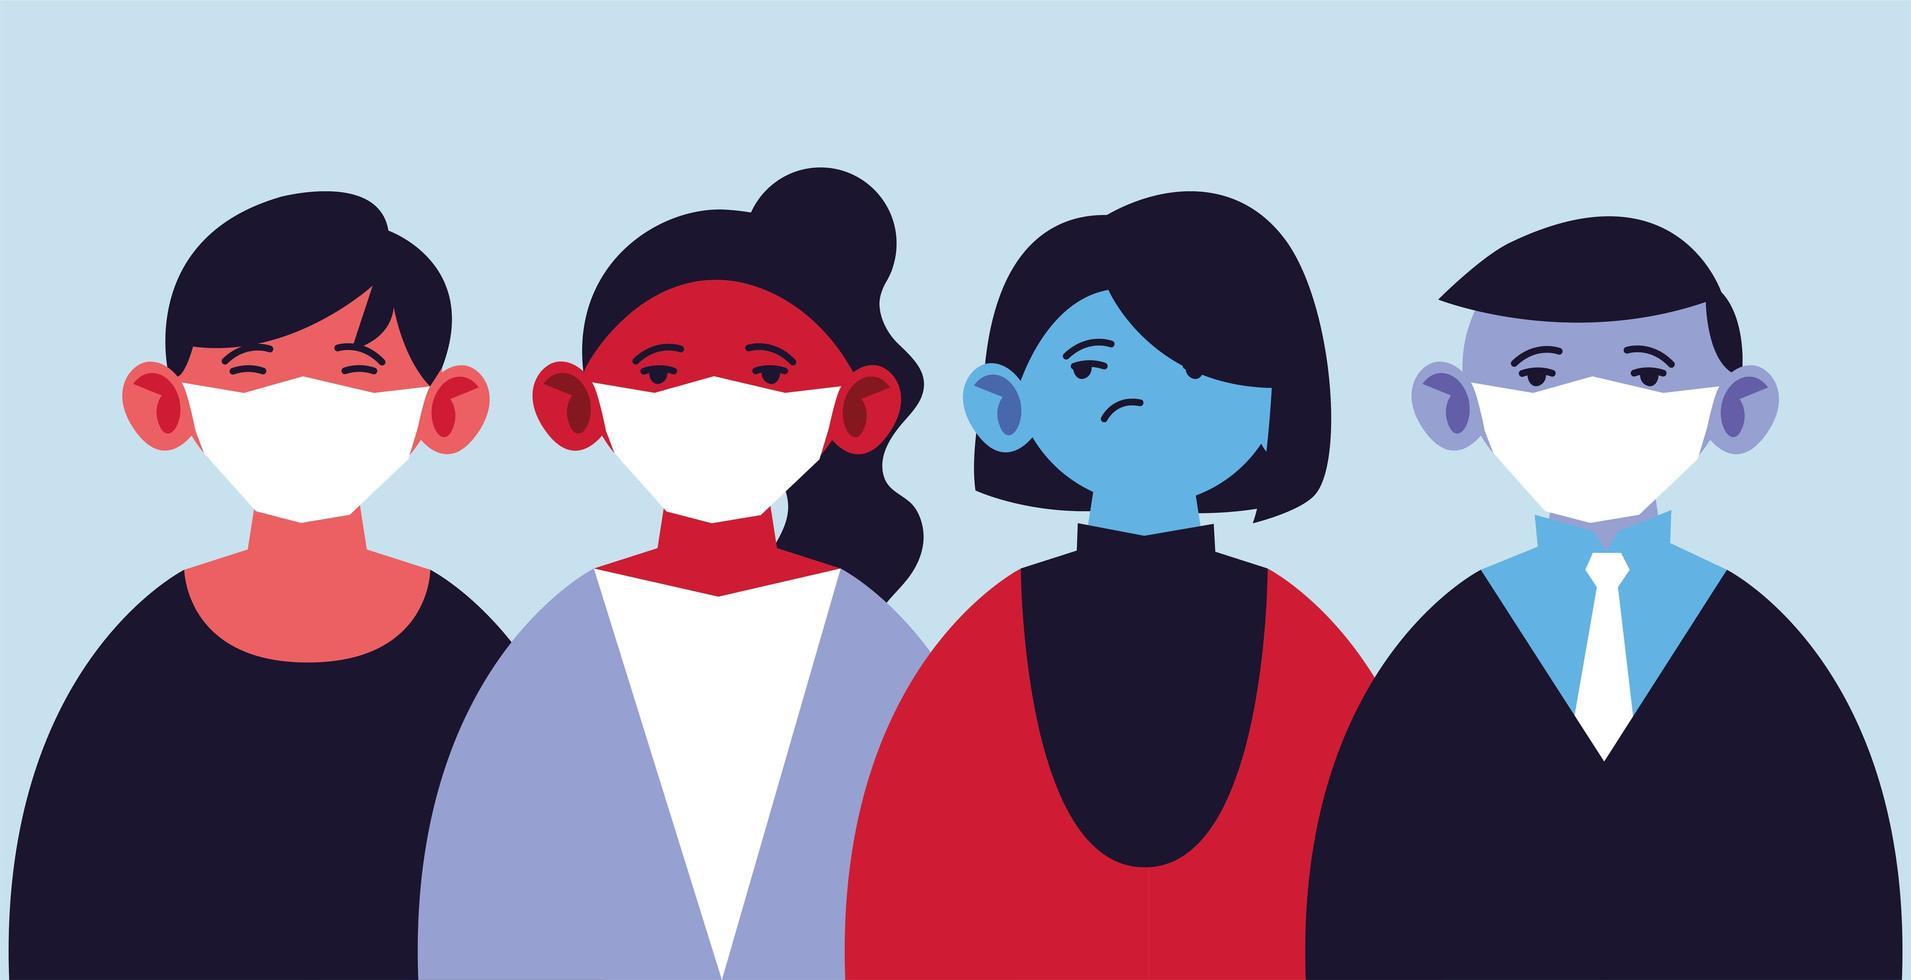 les personnes utilisant des masques médicaux, se protégeant contre l'épidémie vecteur